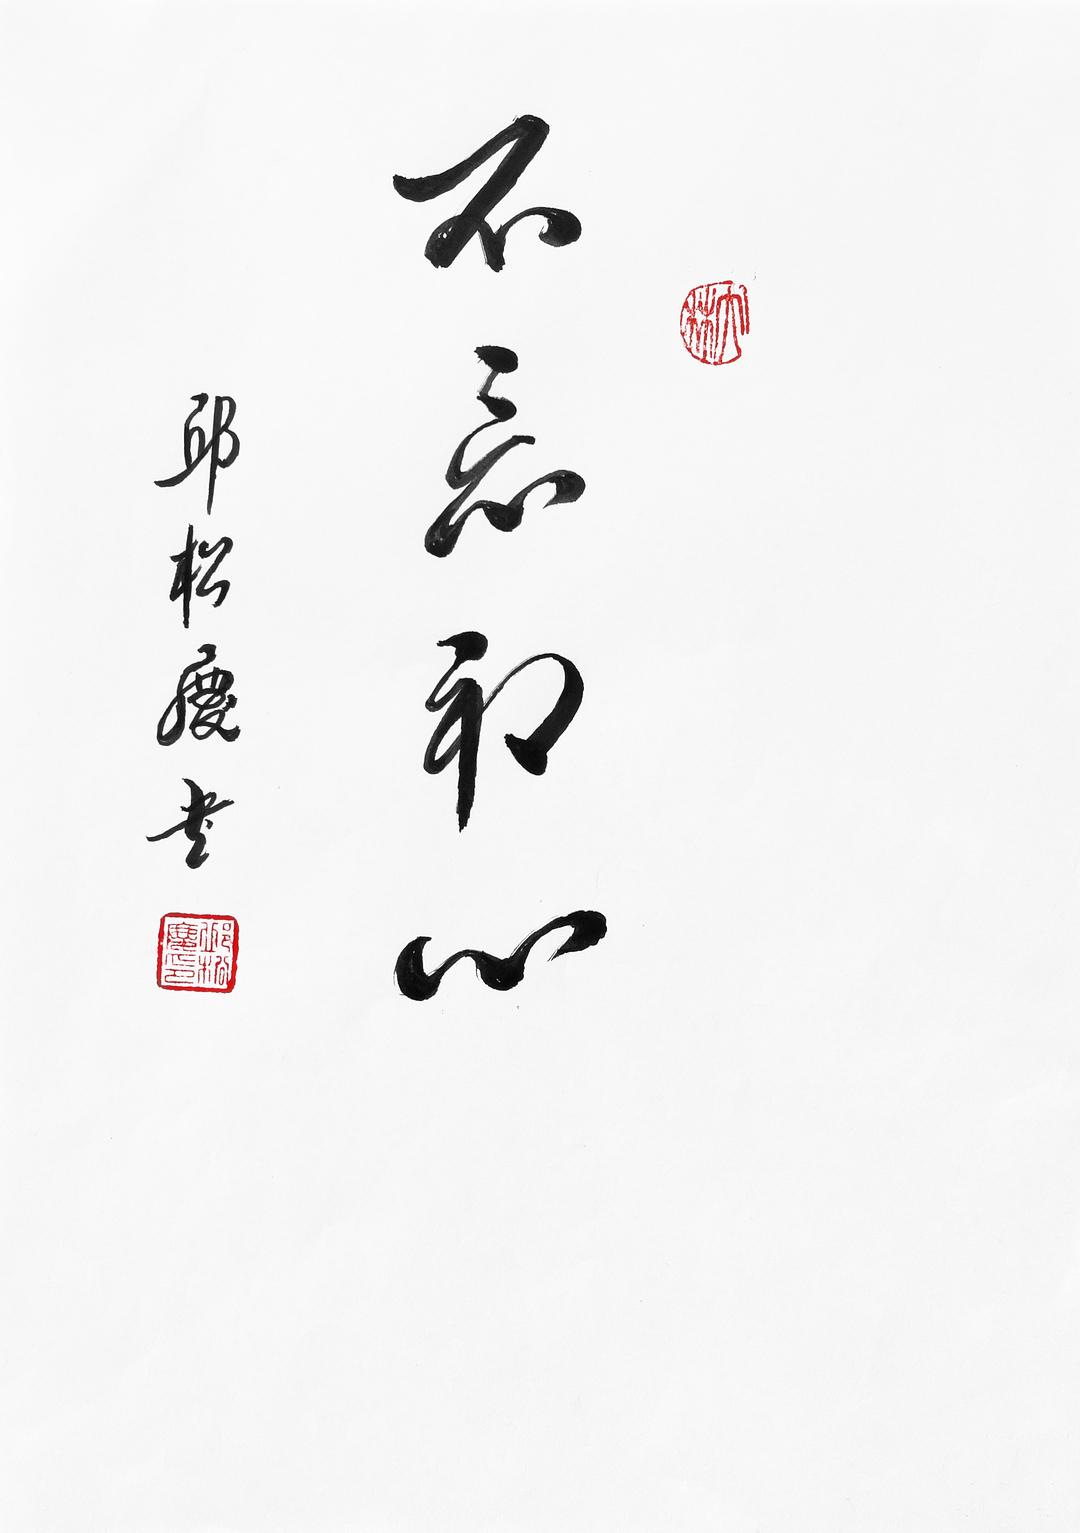 《不忘初心》29.7x21cm 行书 纸本墨笔 2018年